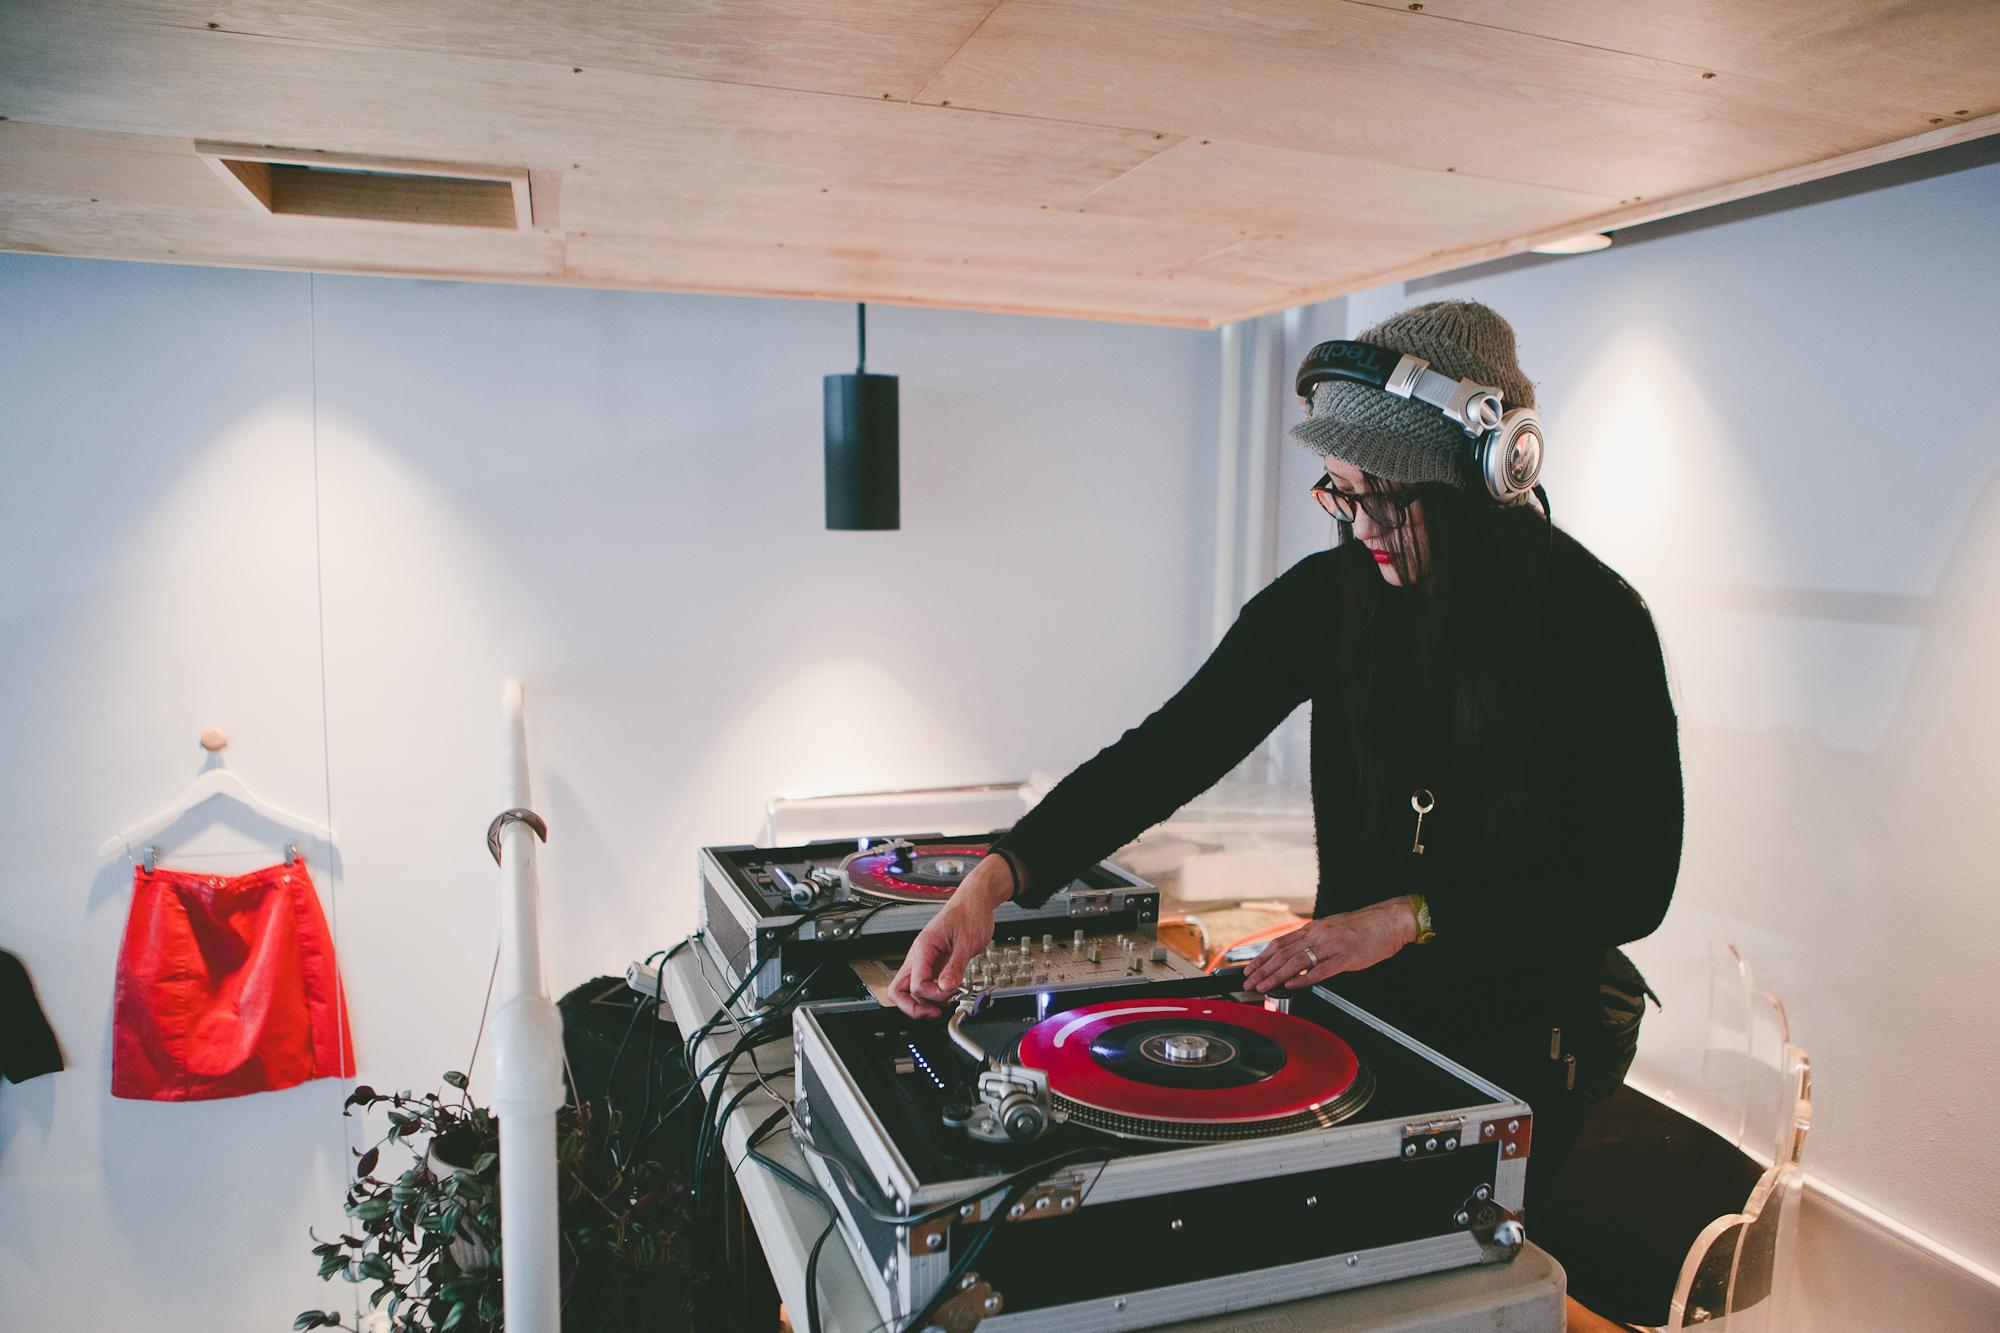 Les The DJ